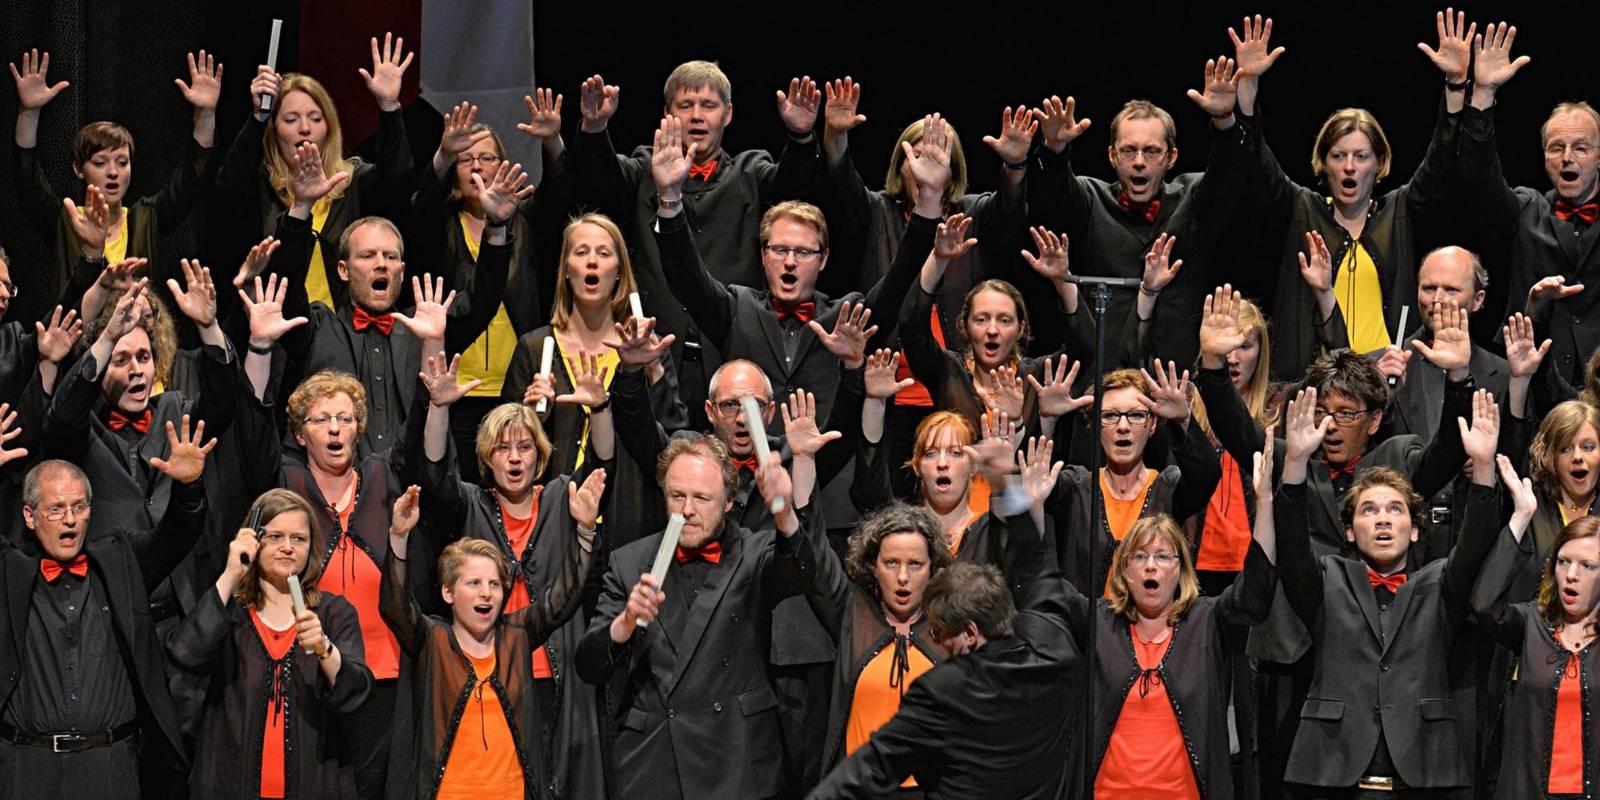 Gruppenfoto: Der Chormitglieder haben sich nach hinten aufsteigend in mehreren Reihen aufgestellt.